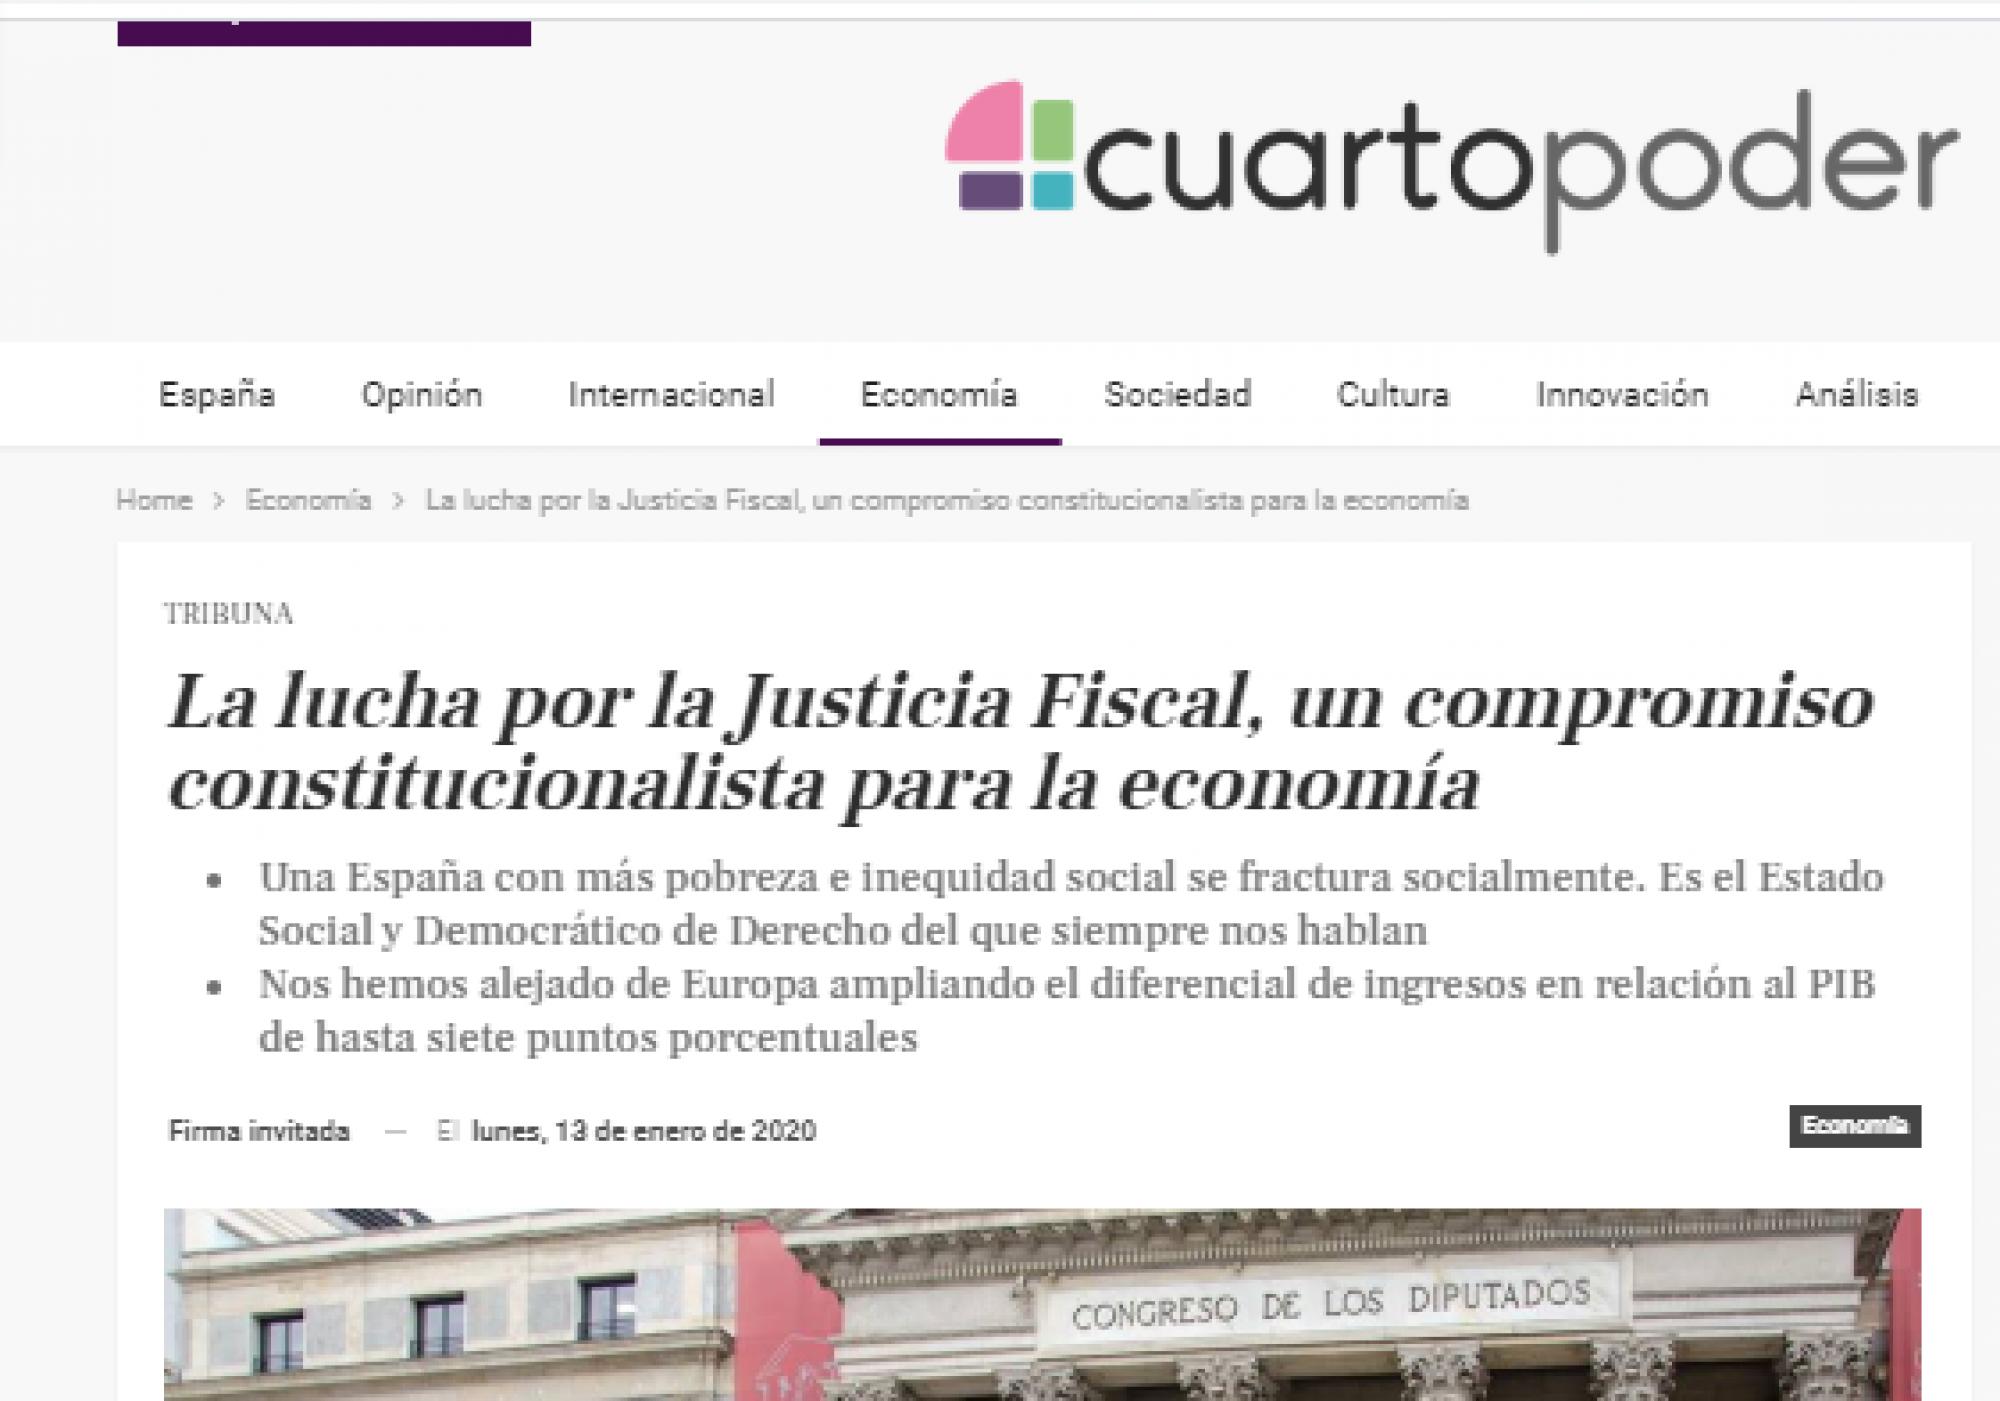 La lucha por la Justicia Fiscal, un compromiso constitucionalista para la economía